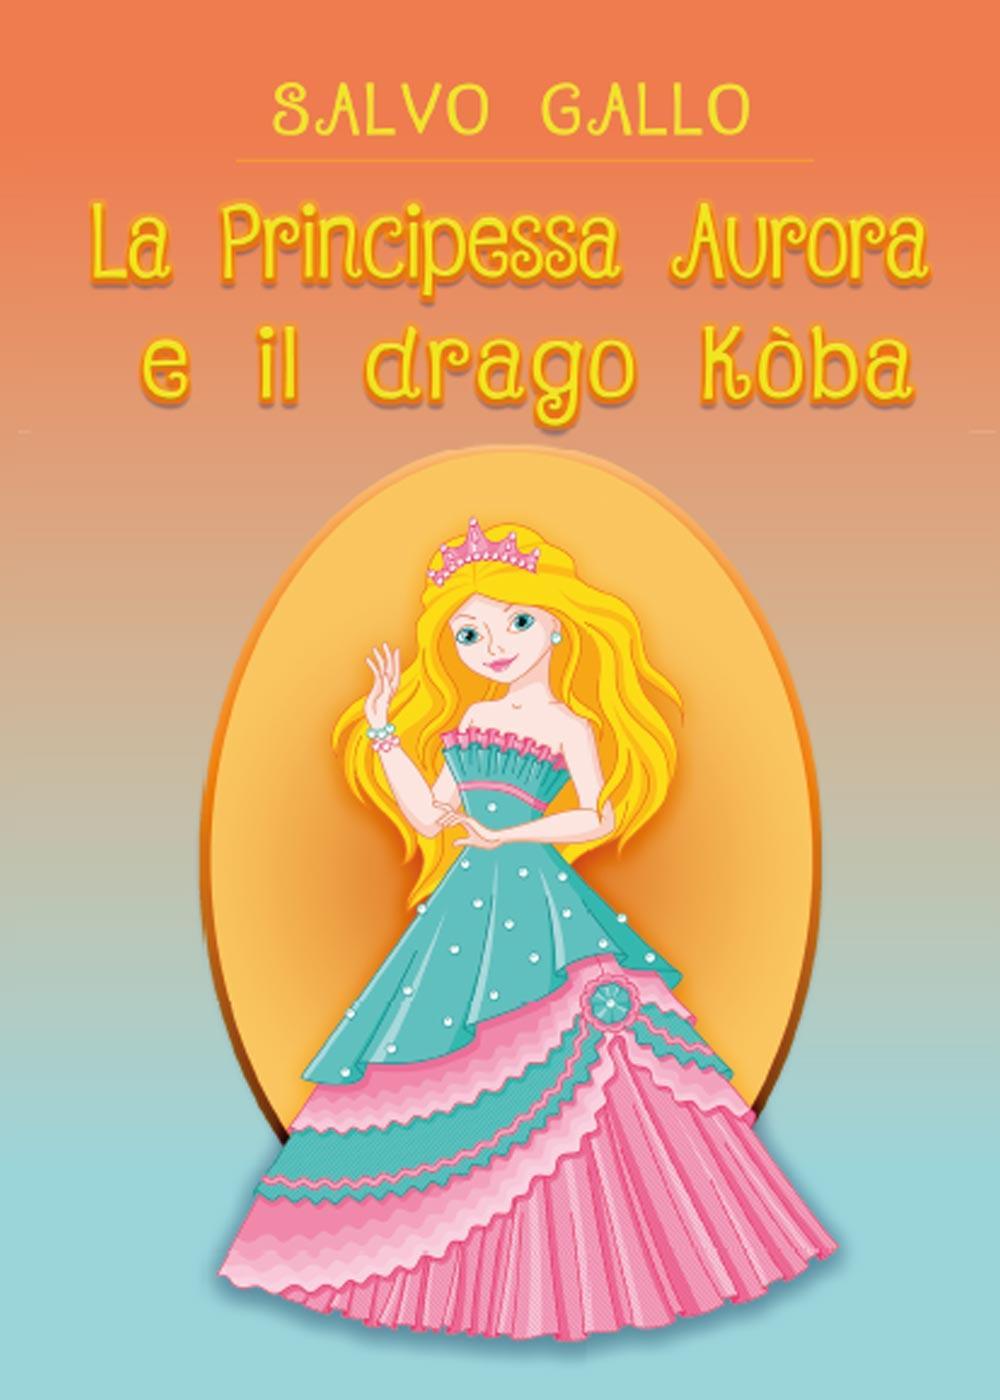 La Principessa Aurora e il drago Kòba